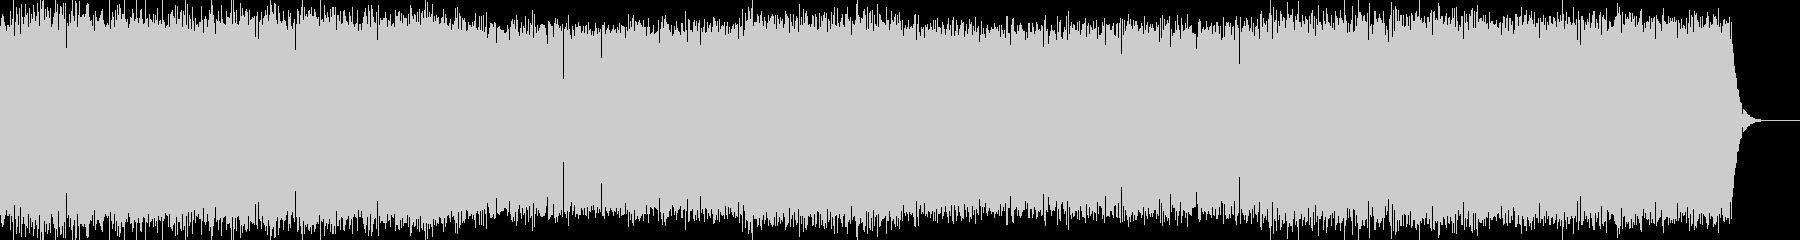 AMGアナログFX 47の未再生の波形